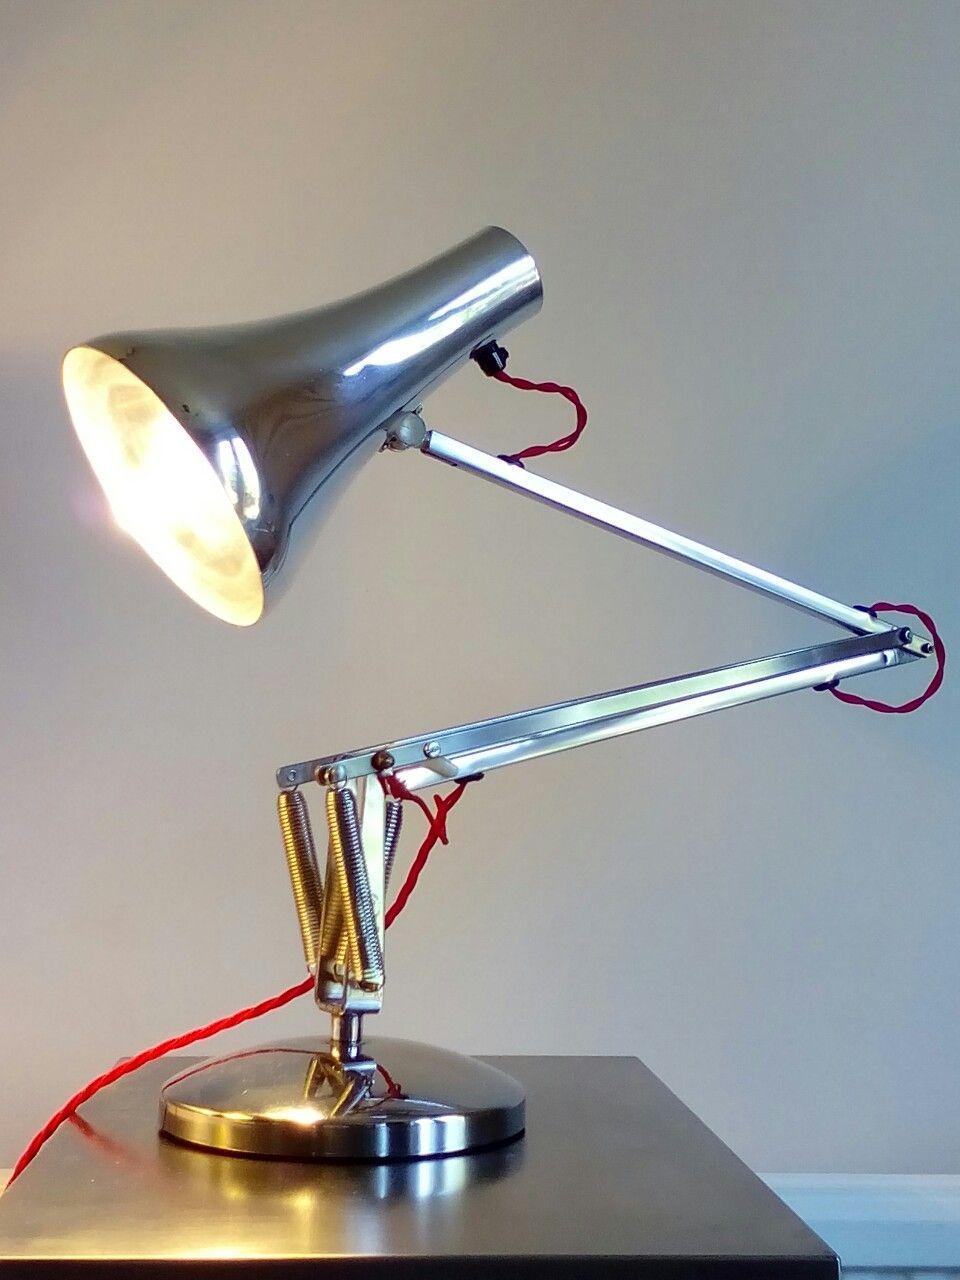 Vintage herbert terry model 90 desk lamp refurbished rewired and vintage herbert terry model 90 desk lamp refurbished rewired and polished by mike bainbridge greentooth Gallery